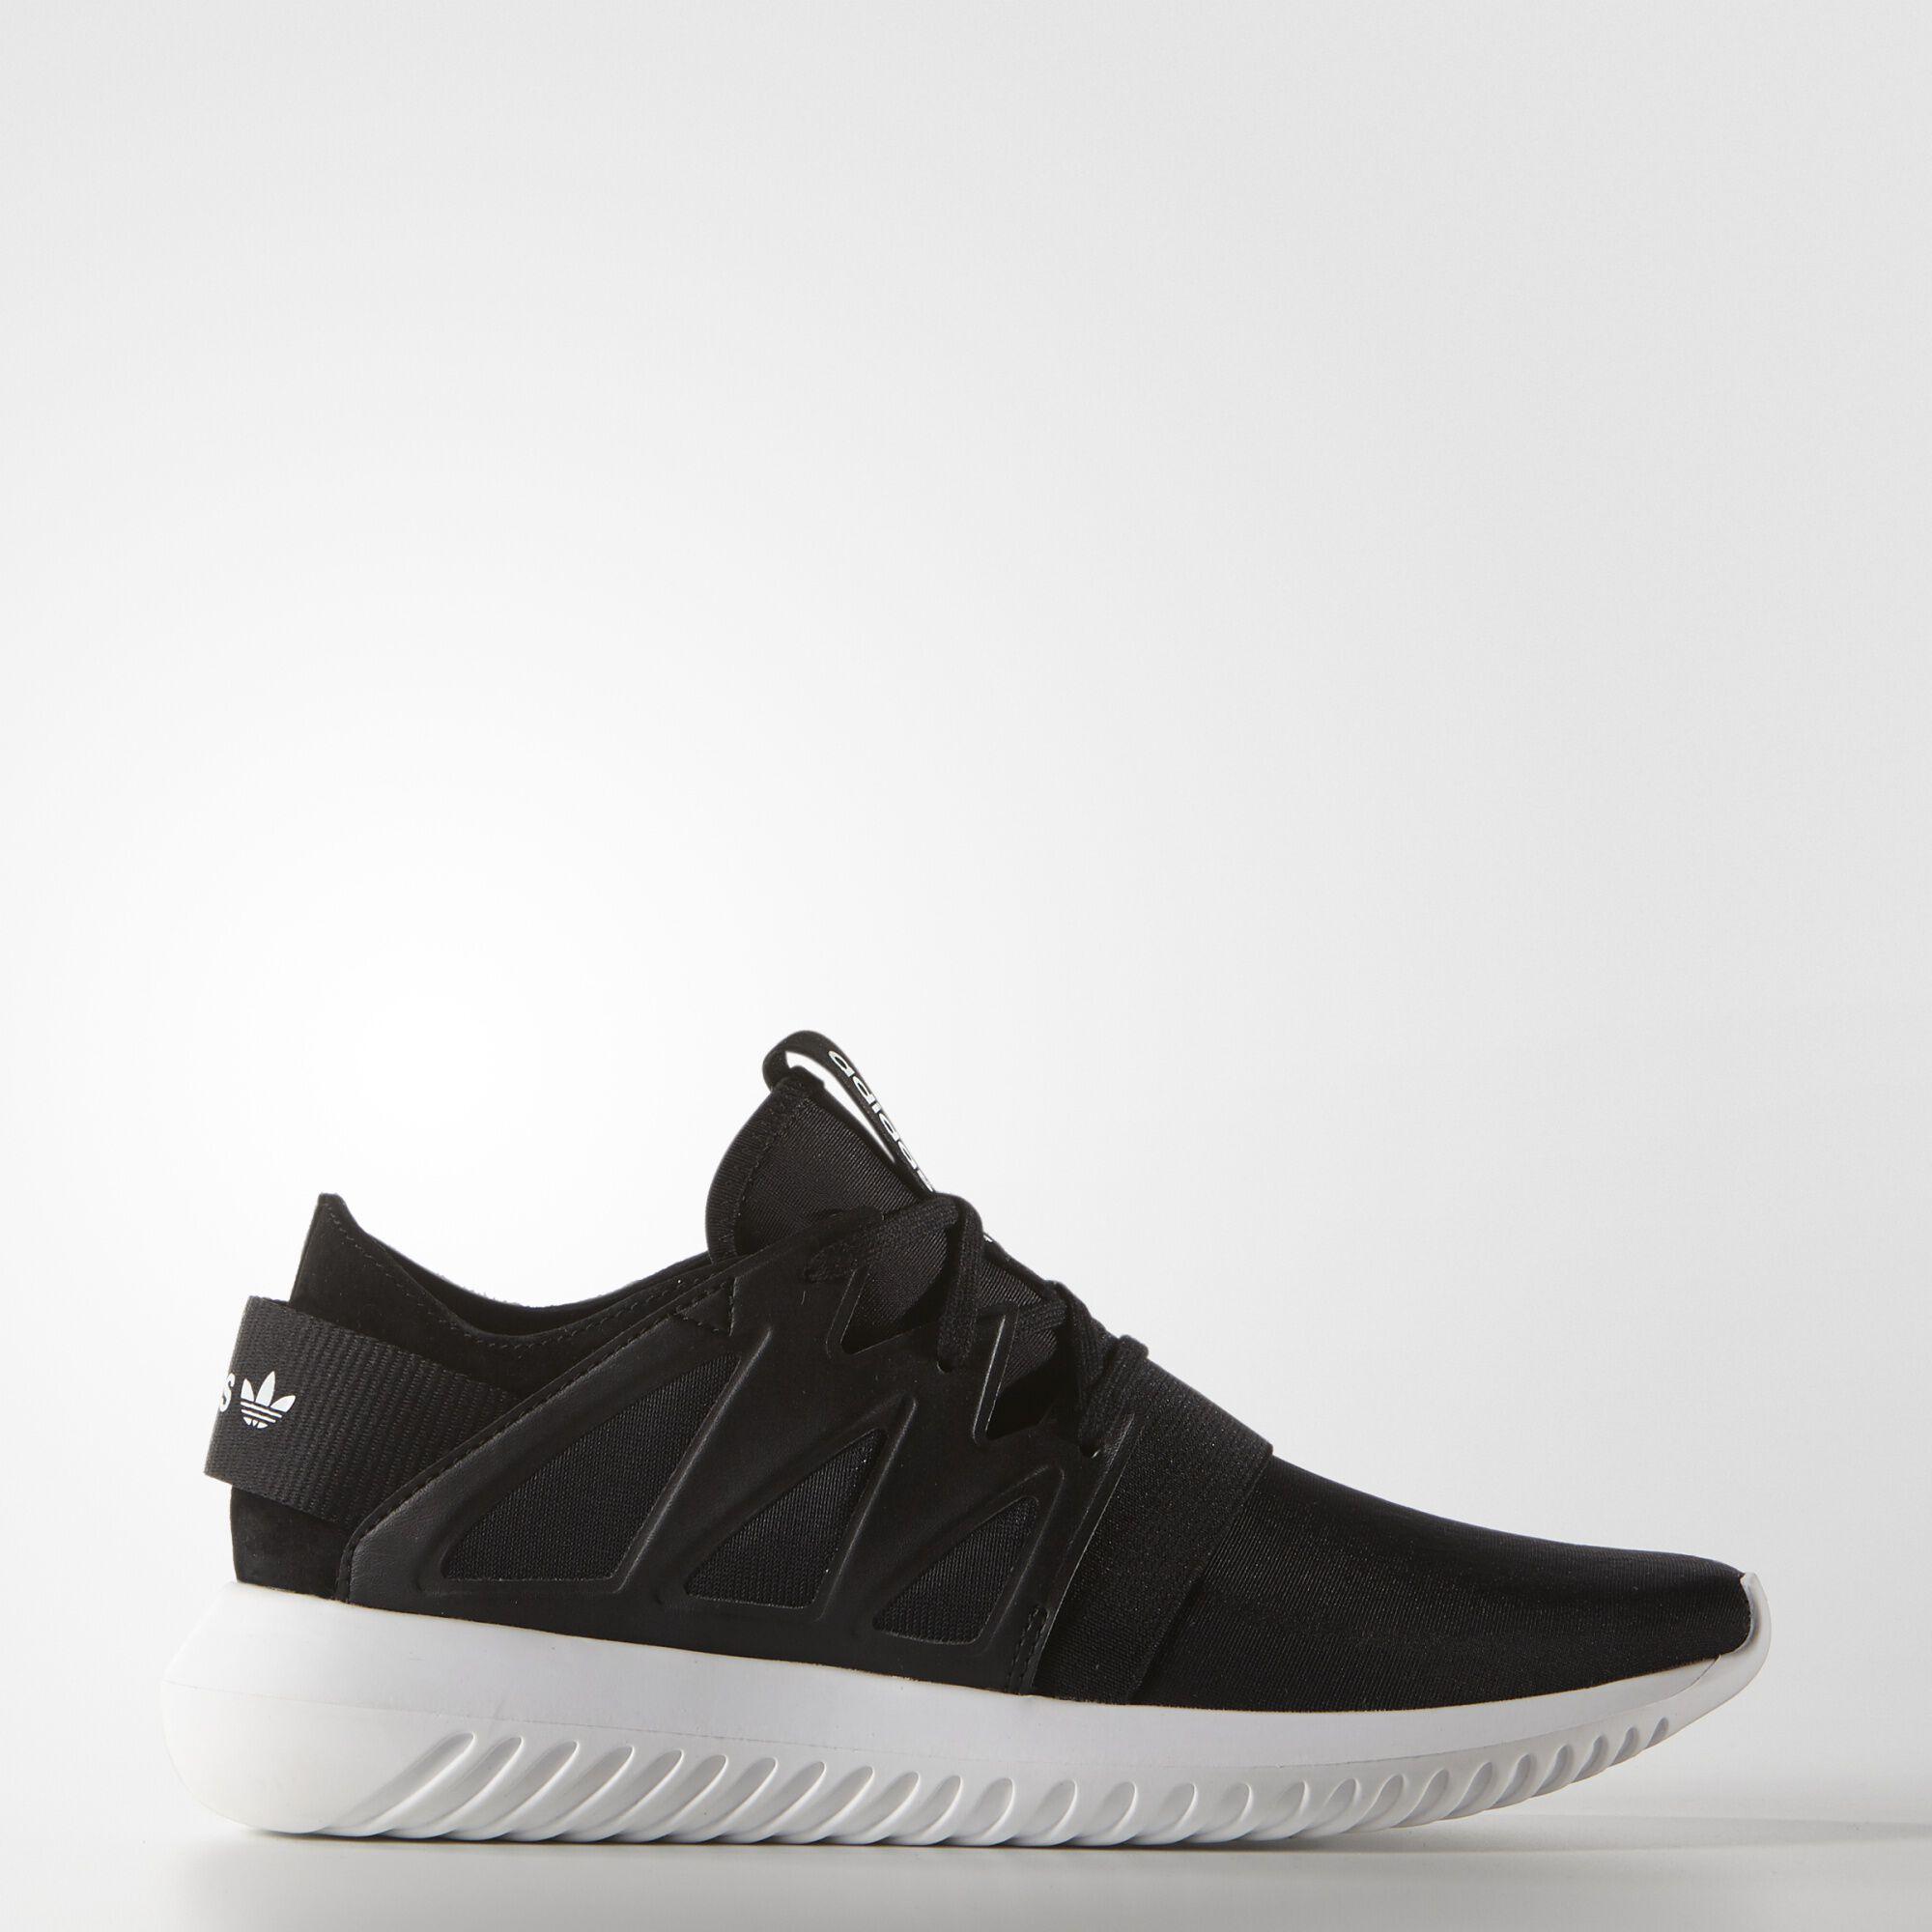 adidas - Tênis Tubular Viral Feminino Core Black/Core Black/Core White S75581